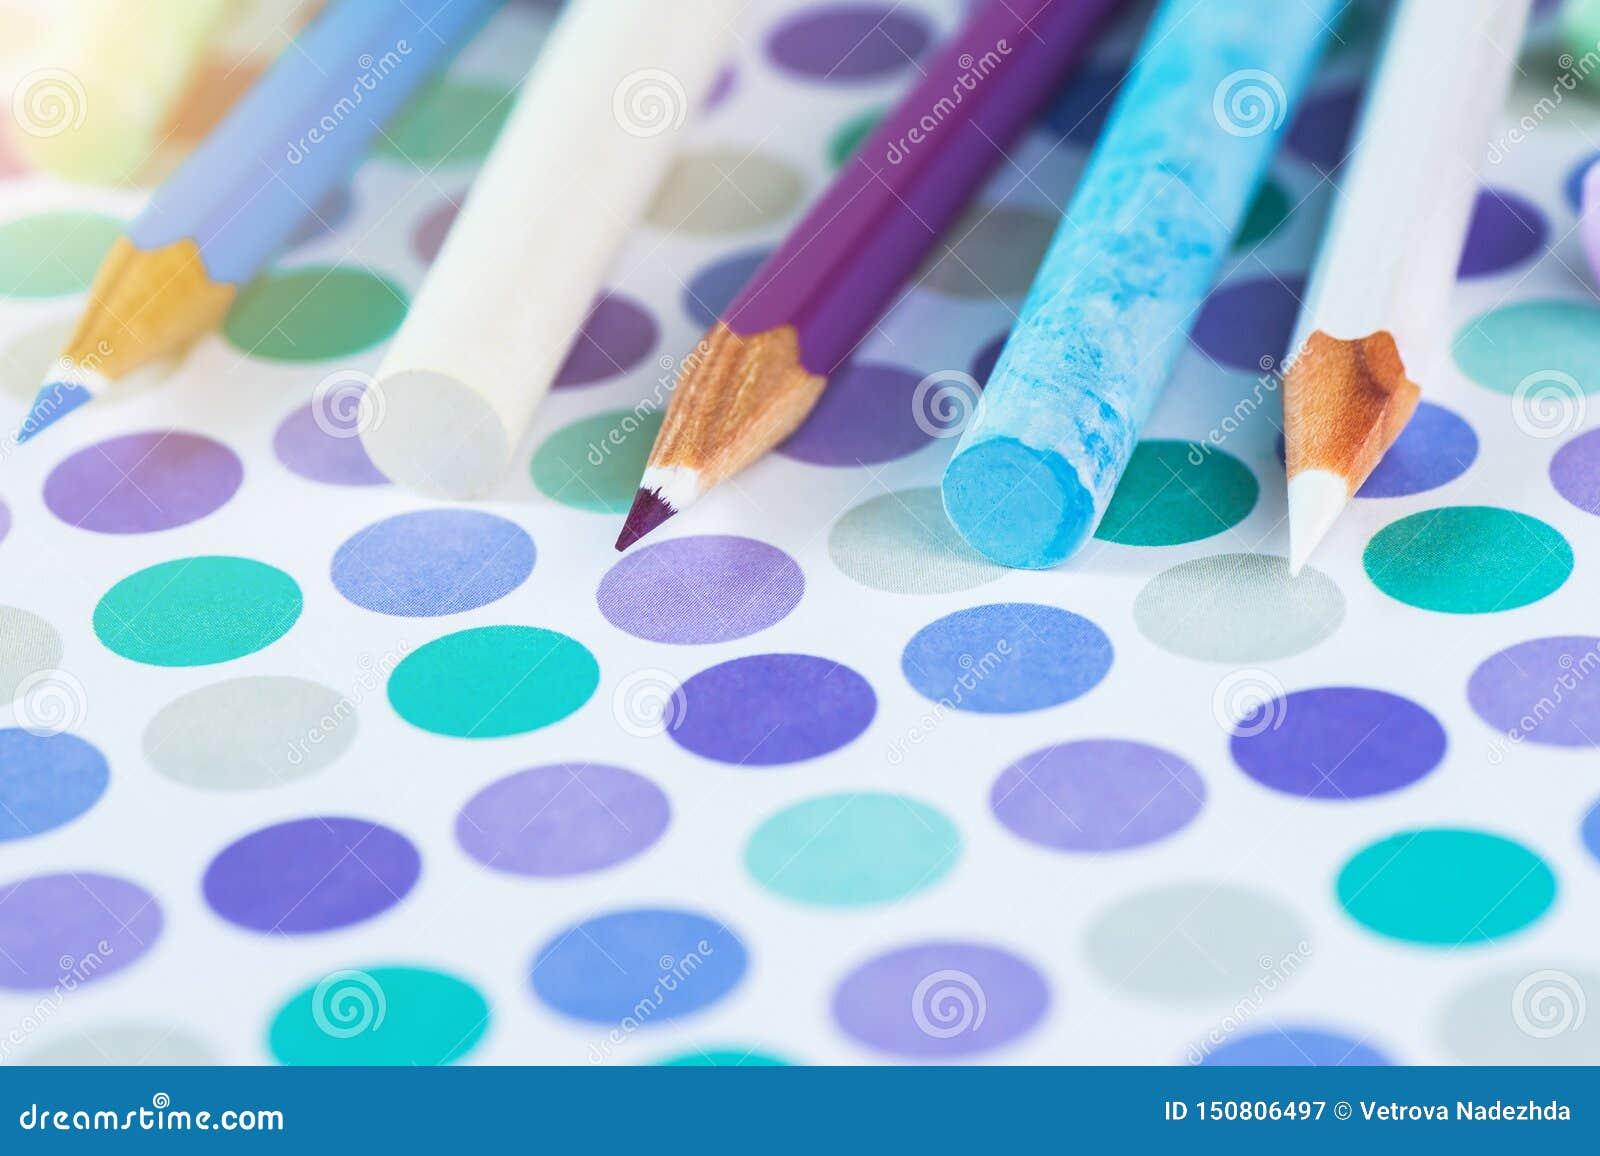 Matite e gesso colorati della scuola su un fondo pastello ad un punto con spazio per testo